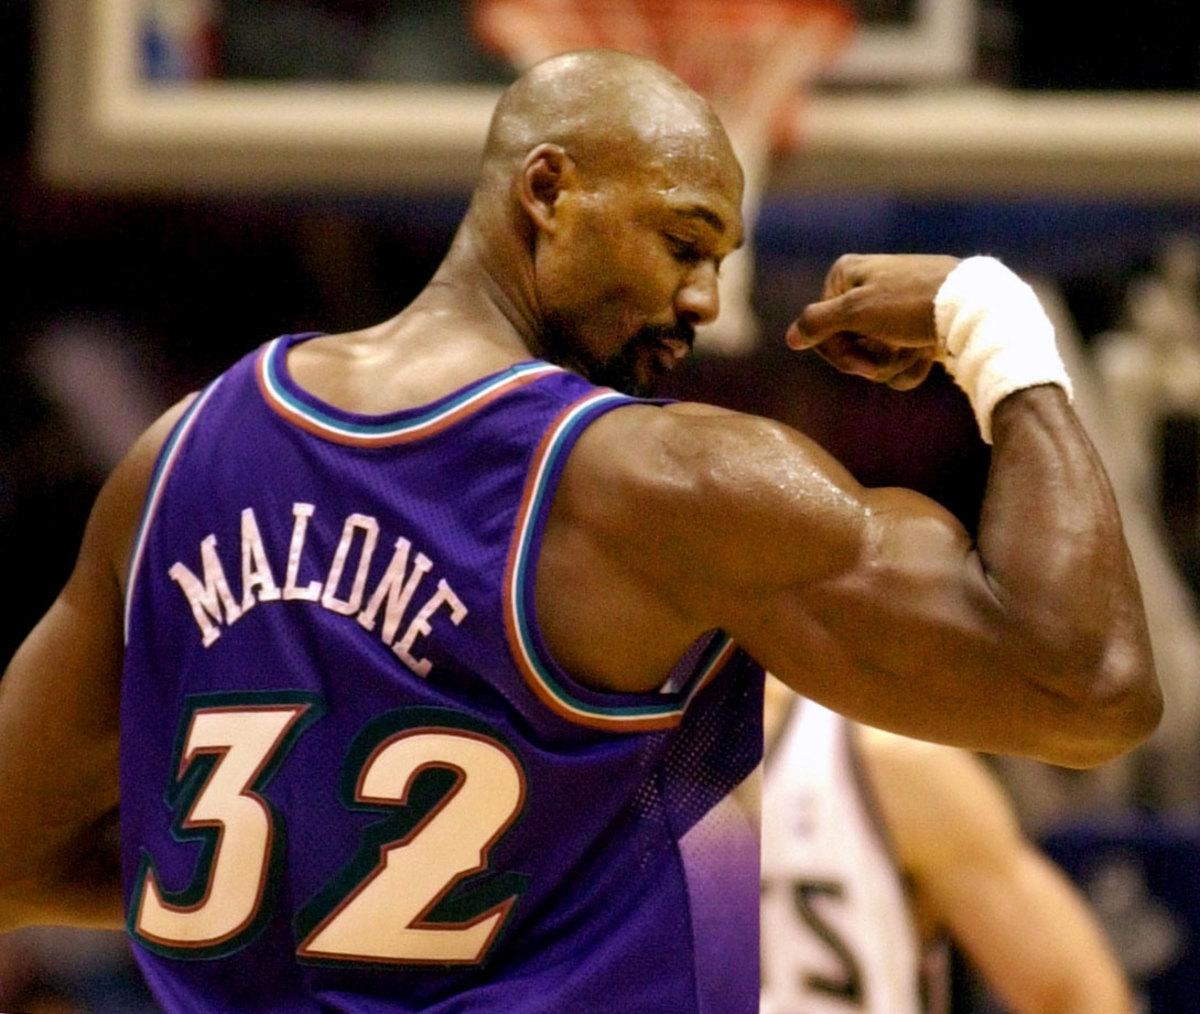 2001-Karl-Malone-flexing-muscle.jpg